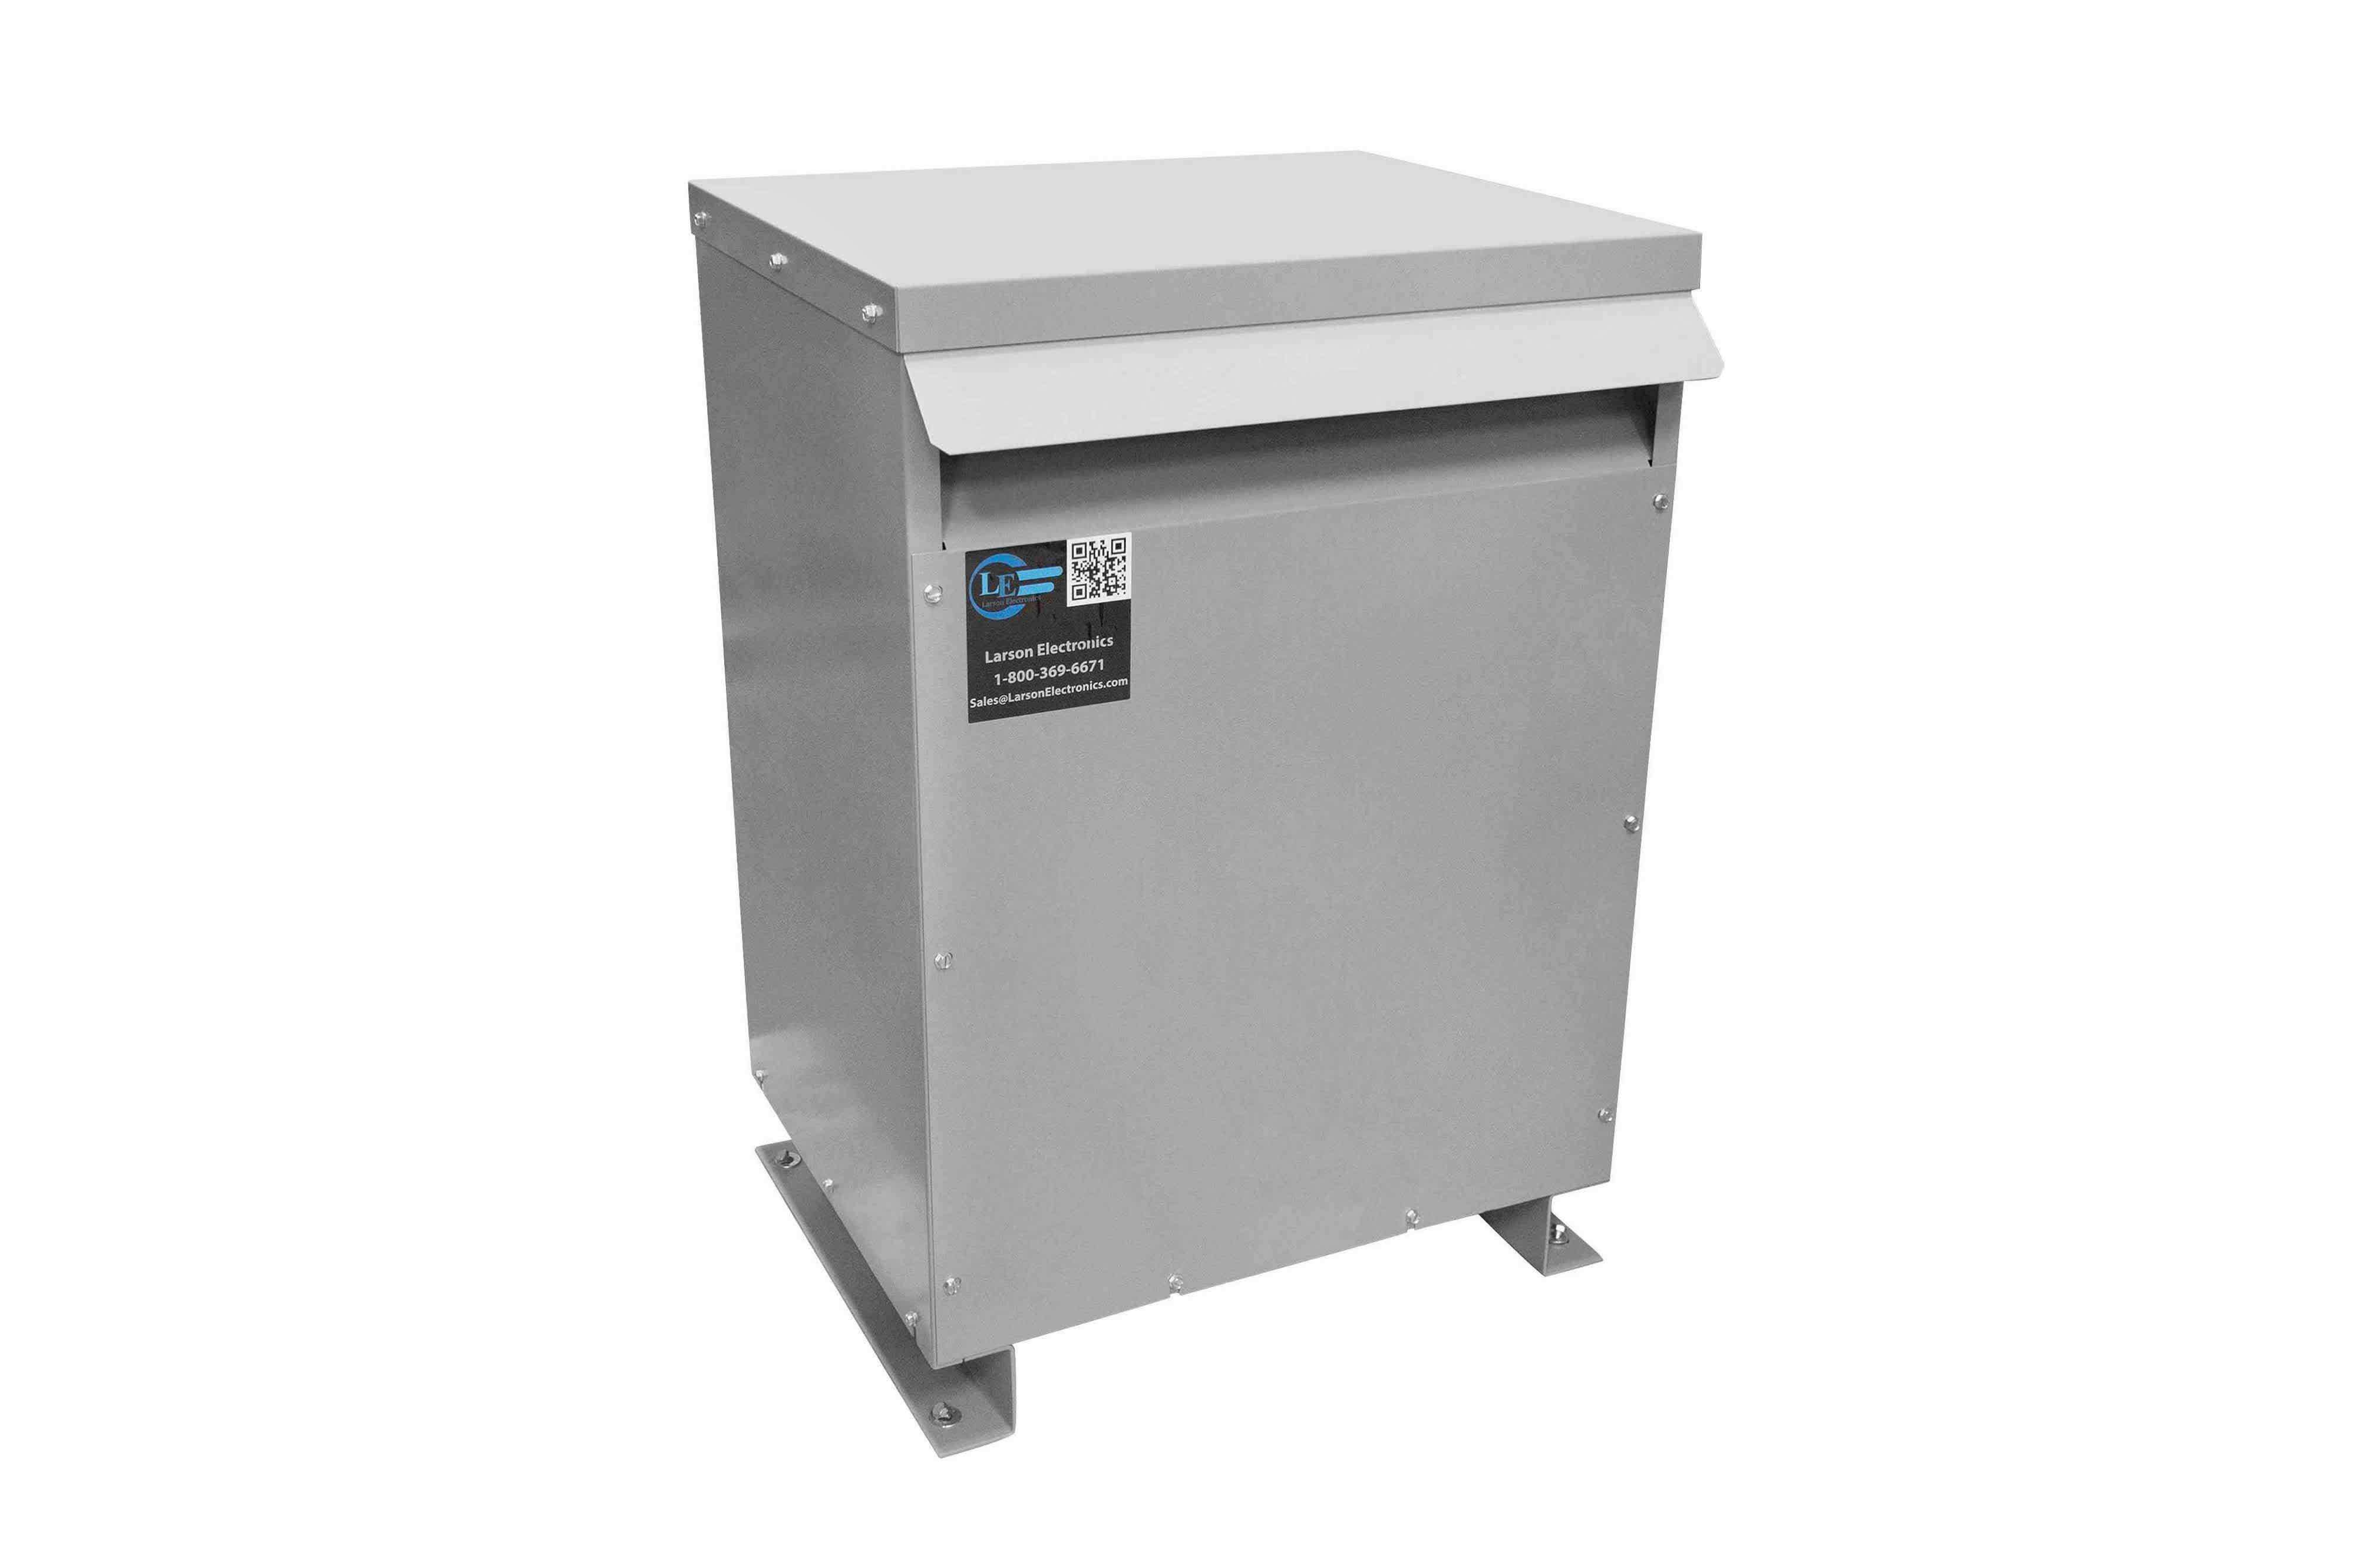 1000 kVA 3PH Isolation Transformer, 460V Delta Primary, 208V Delta Secondary, N3R, Ventilated, 60 Hz